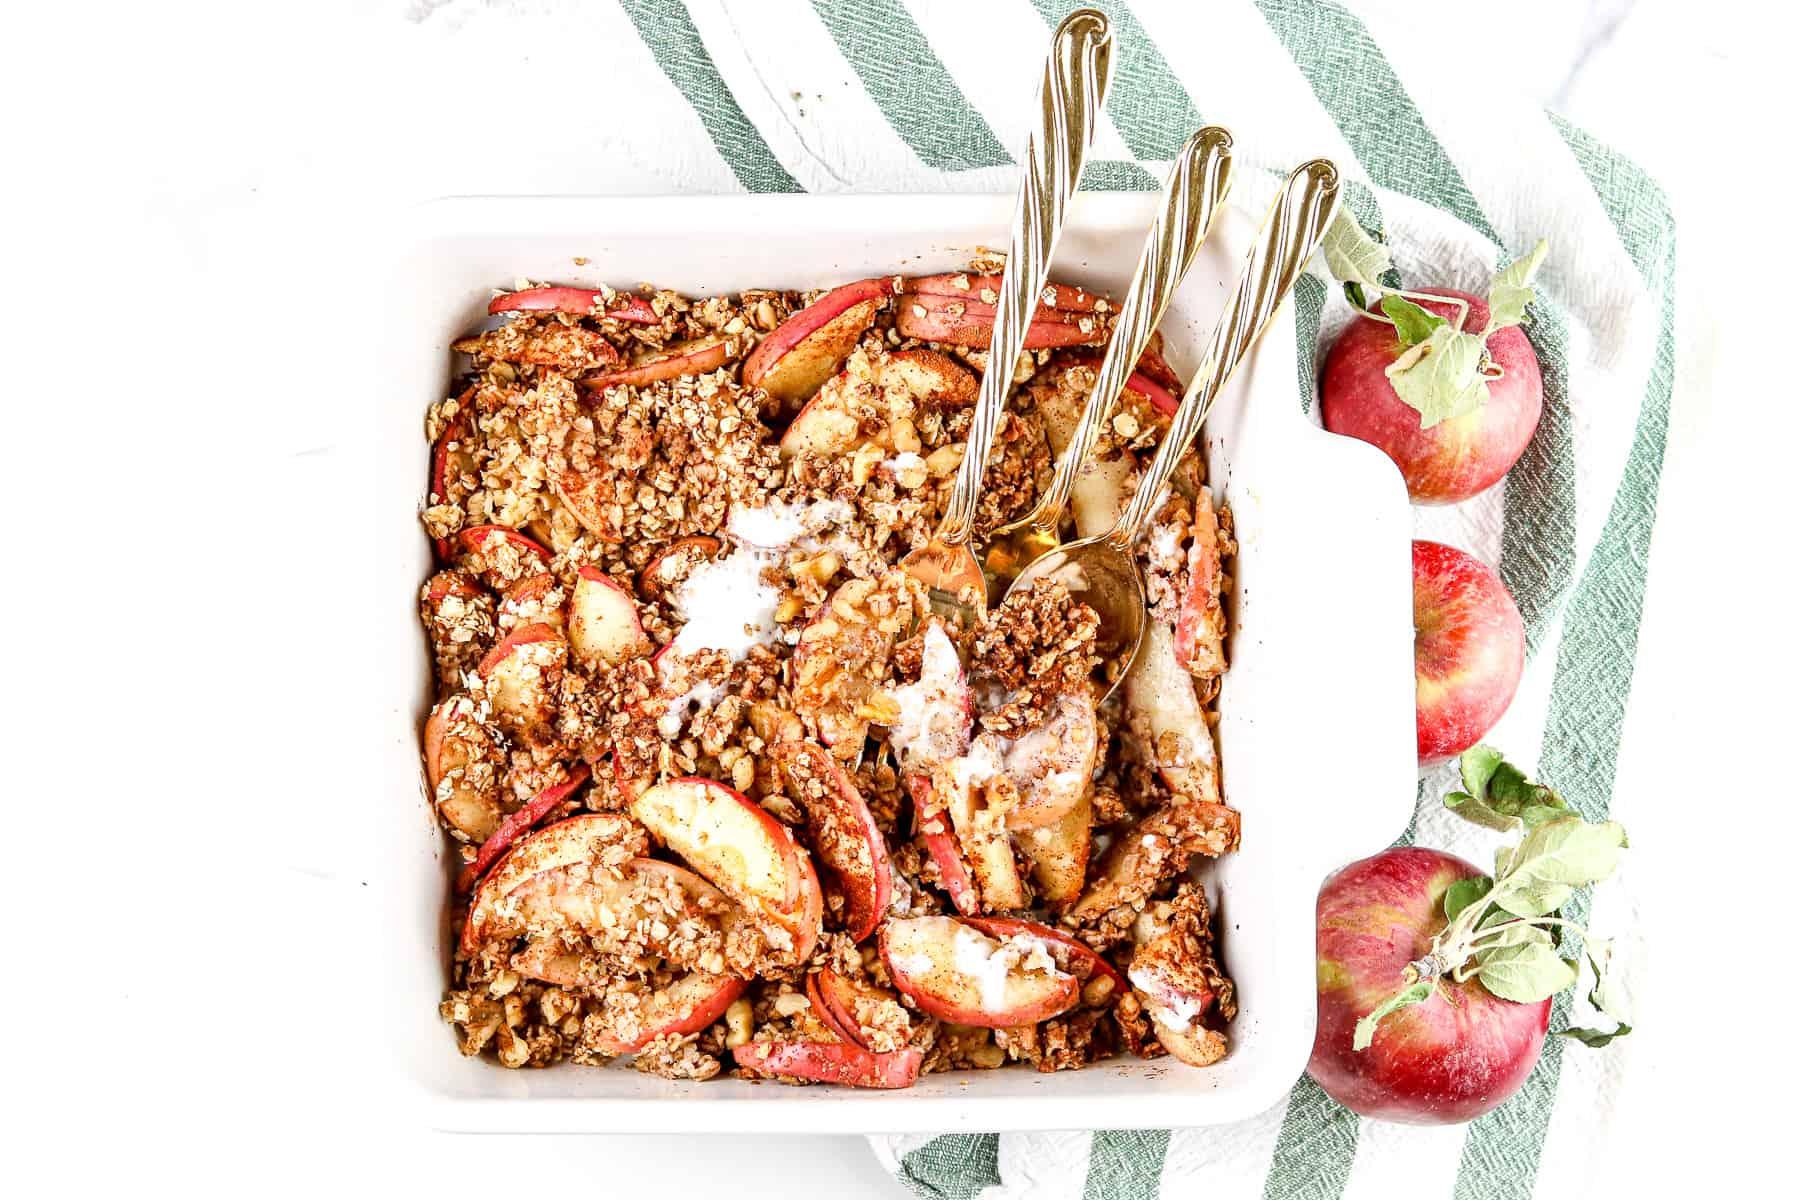 Image of apple crisp with forks.